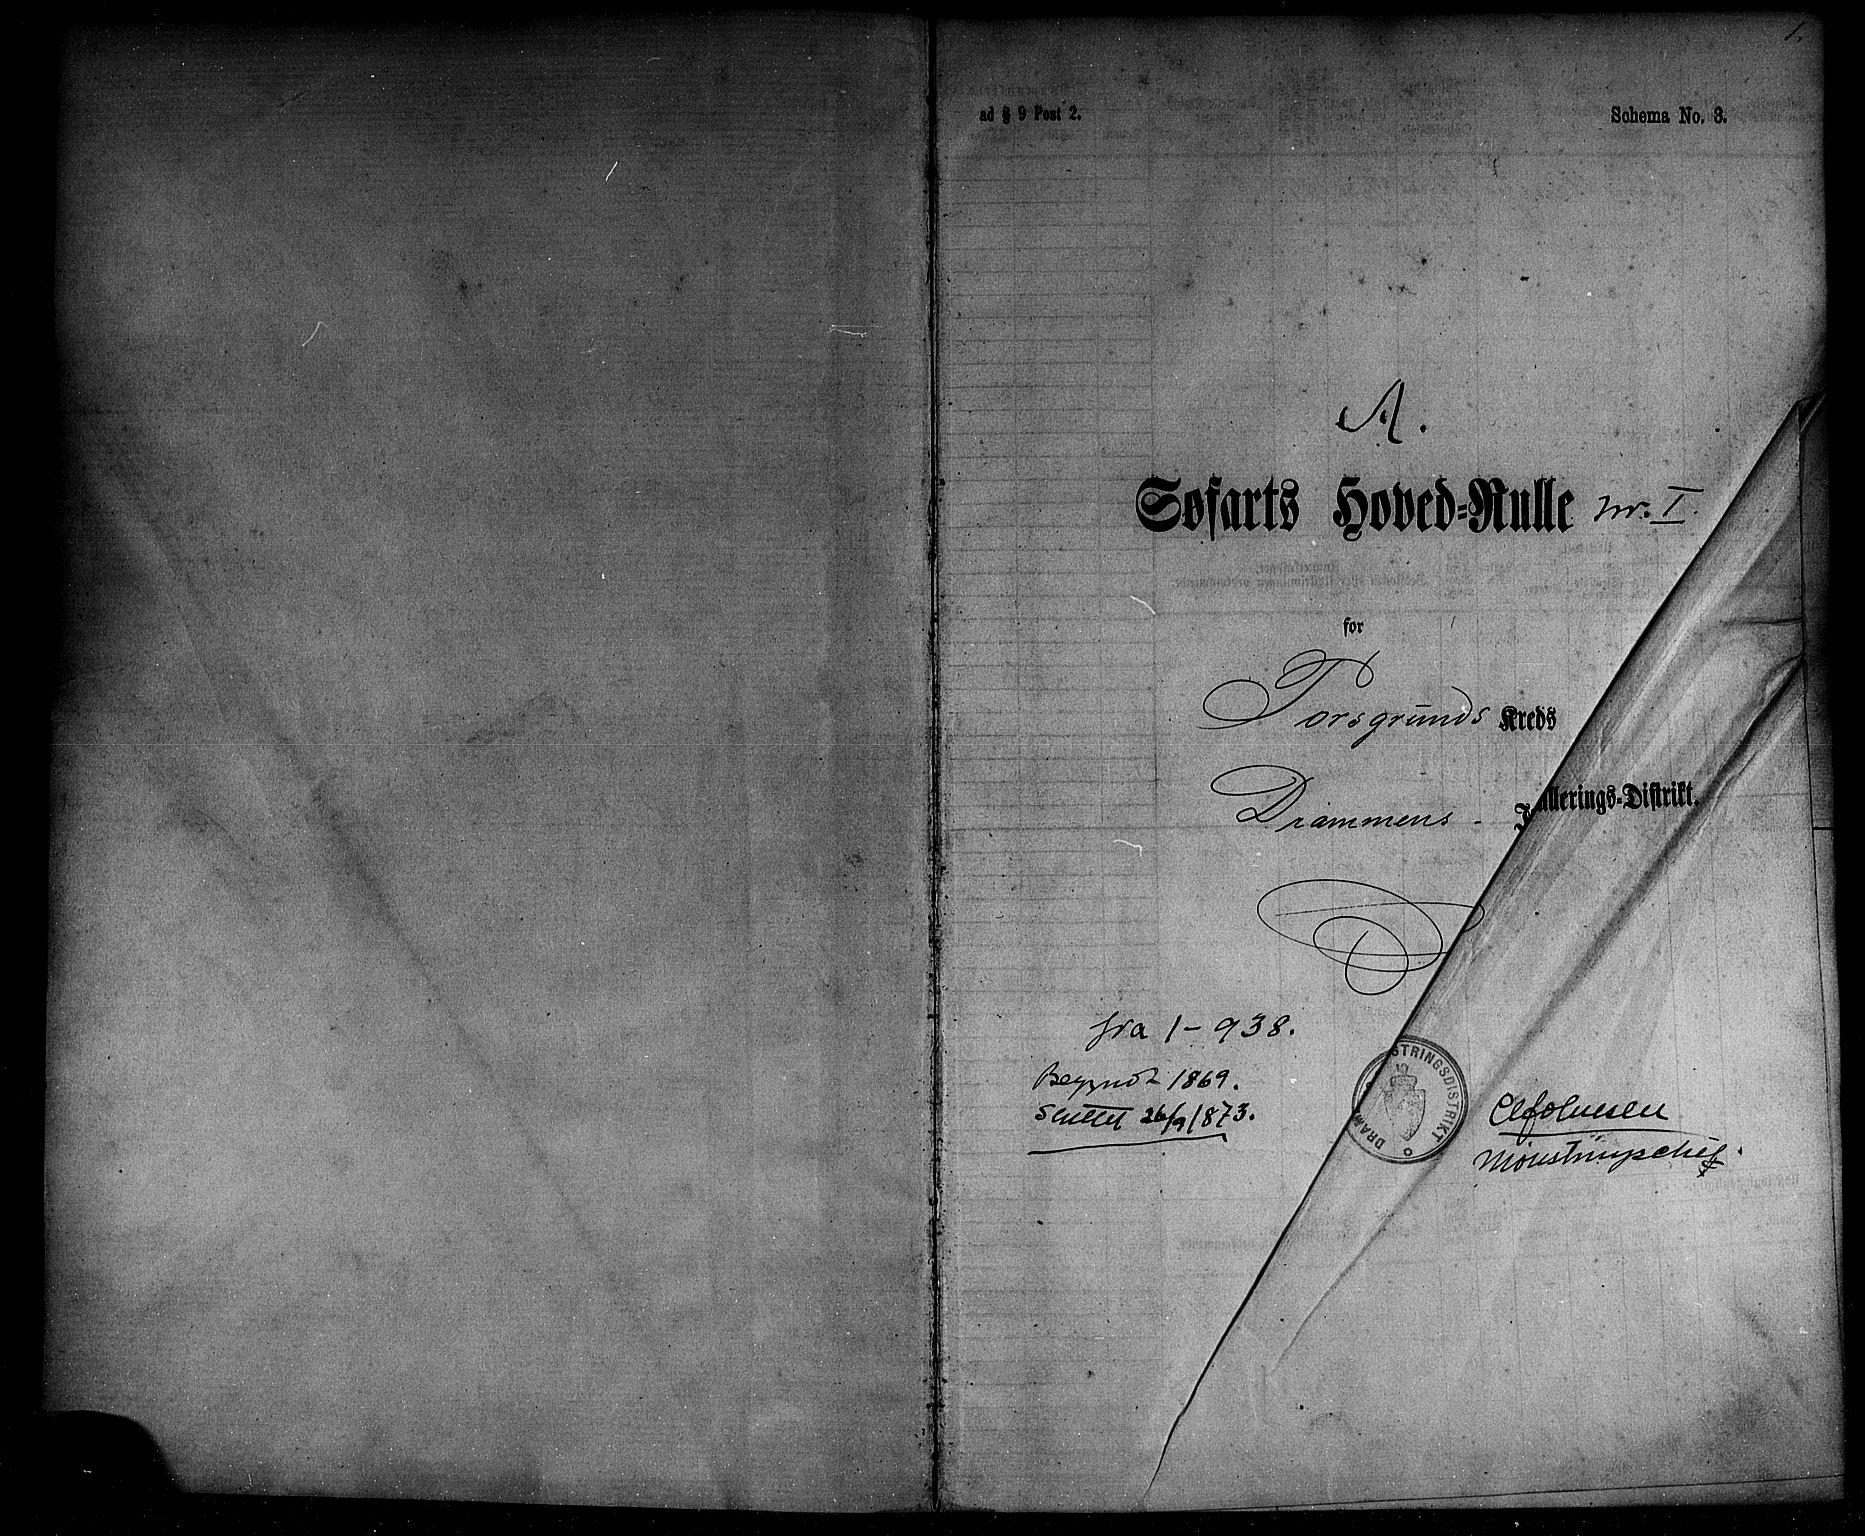 SAKO, Porsgrunn innrulleringskontor, F/Fc/L0004: Hovedrulle, 1869-1873, s. 2